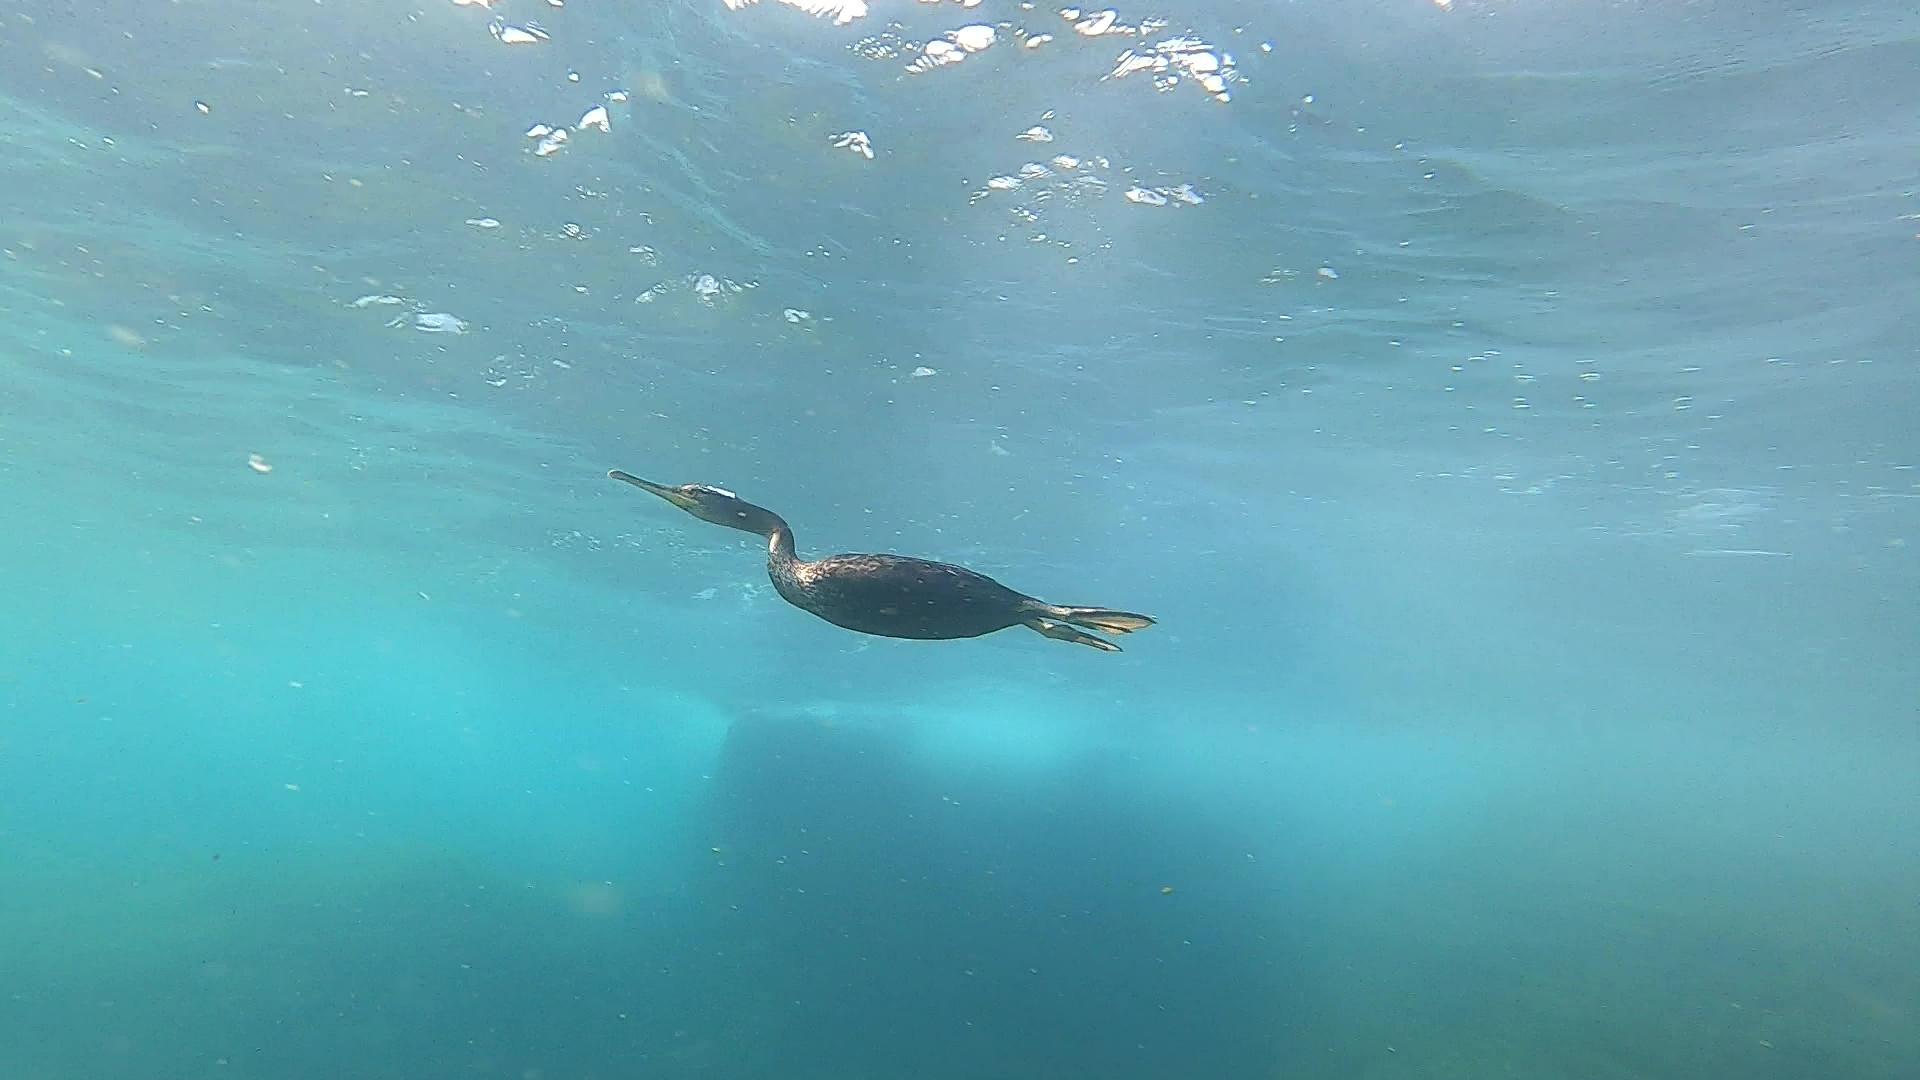 Born freediver Apneista nato Great cormorant Phalacrocorax carbo Cormorano comune intotheblue.it